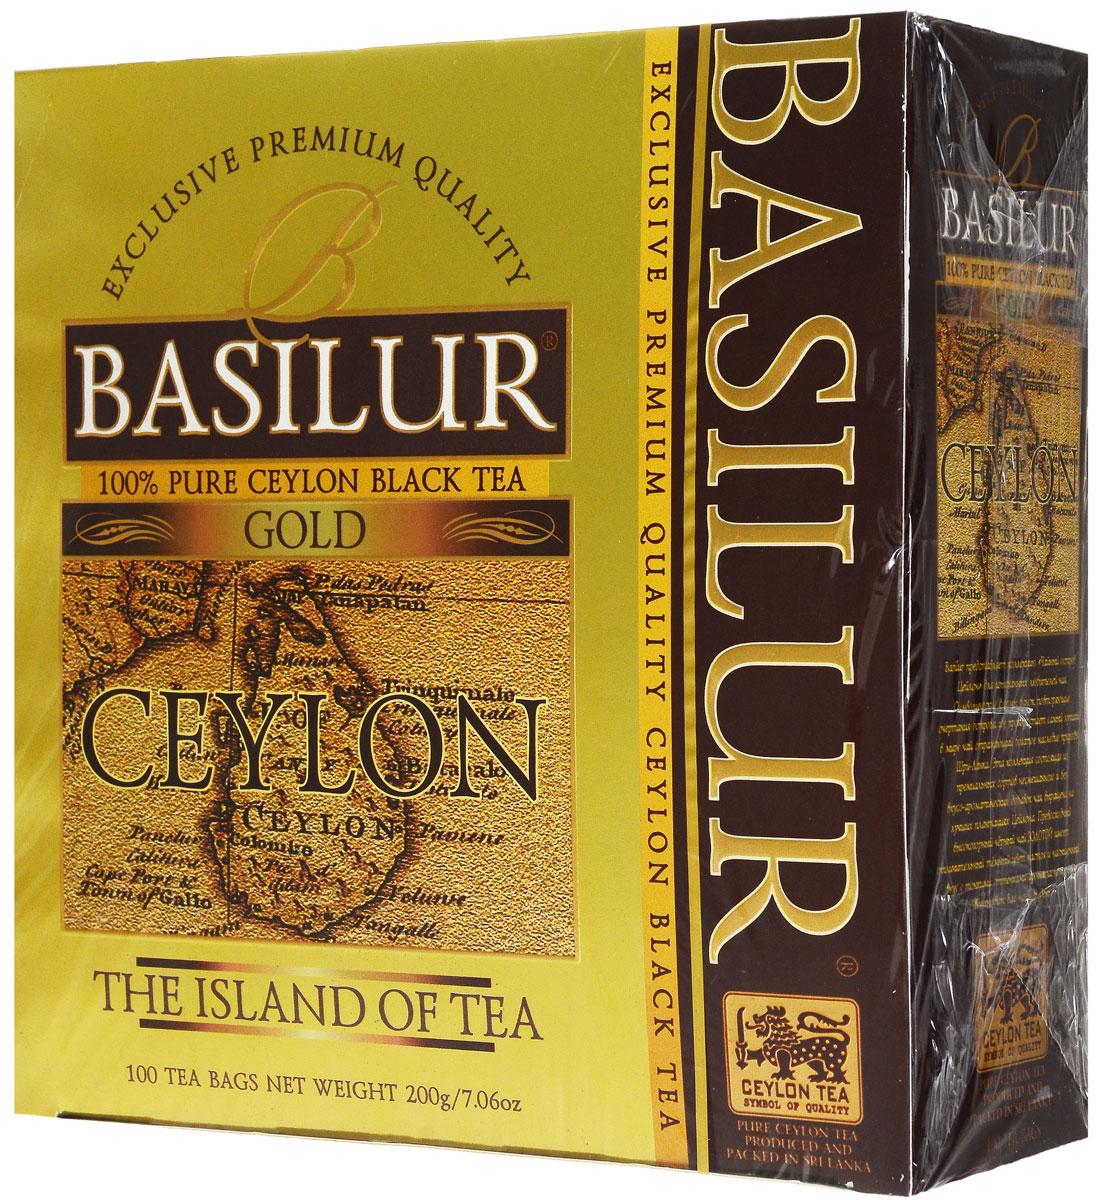 Basilur Gold черный чай в пакетиках, 100 шт71009-00Basilur Gold OP1 - черный байховый мелколистовой чай в пакетиках с ярлычками для разовой заварки. Orange Pekoe 1 - это высокий стандарт листового цейлонского чая, который сочетает в себе полноту вкуса с тонкими оттенками аромата. А благородный золотистый цвет его настоя делает напиток поистине драгоценным.Всё о чае: сорта, факты, советы по выбору и употреблению. Статья OZON Гид